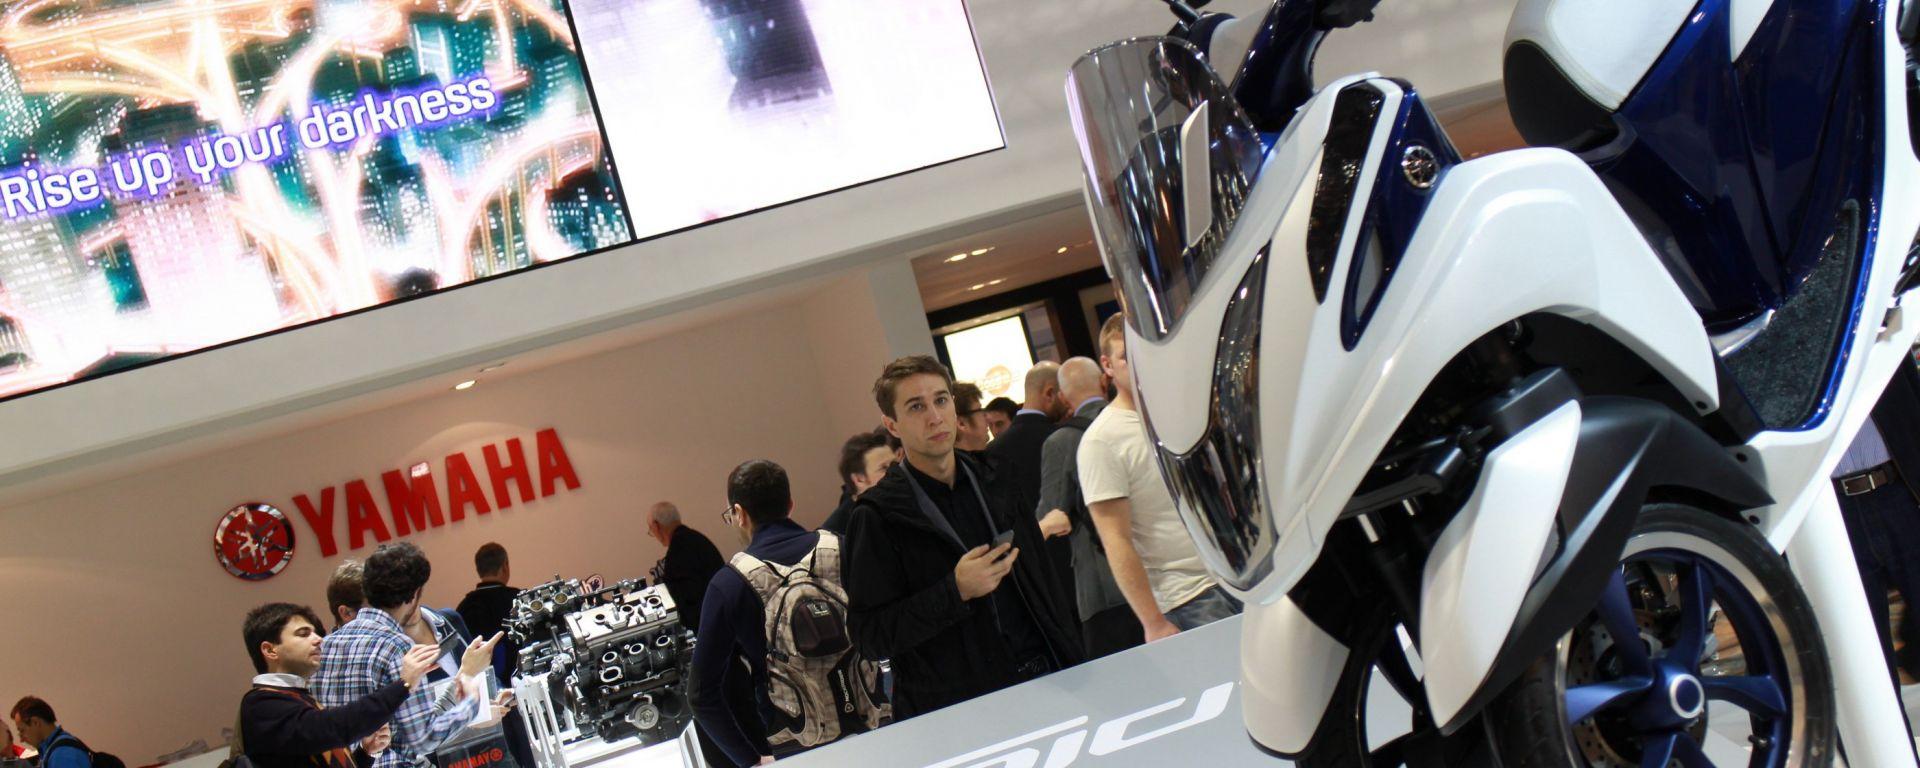 Eicma 2013, lo stand Yamaha